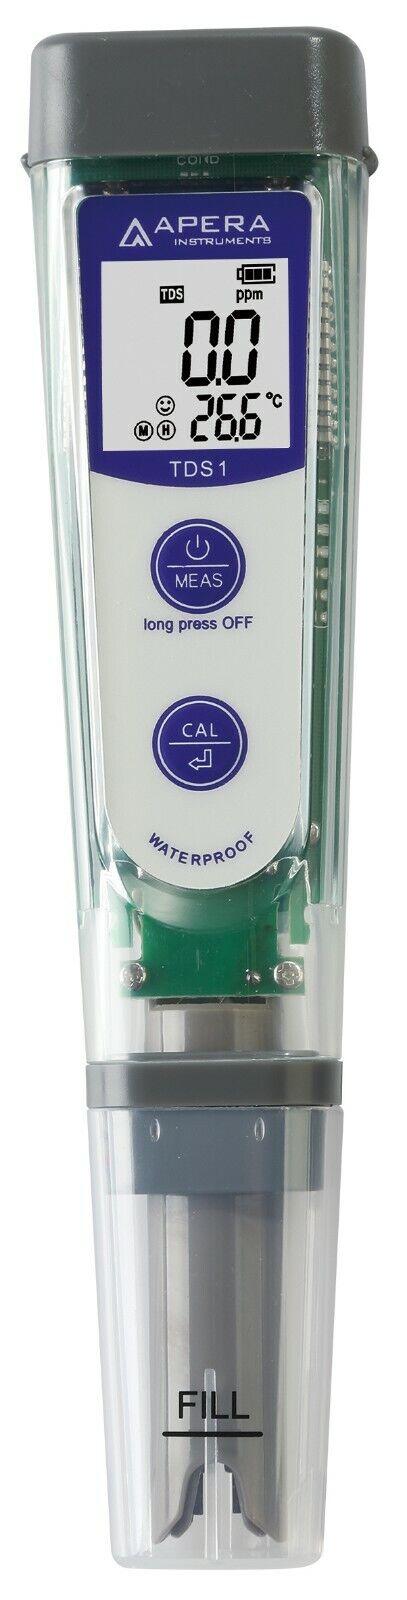 Apera Instruments tds1 TDS-mètre, Numérique Appareil de mesure avec affichage de la température